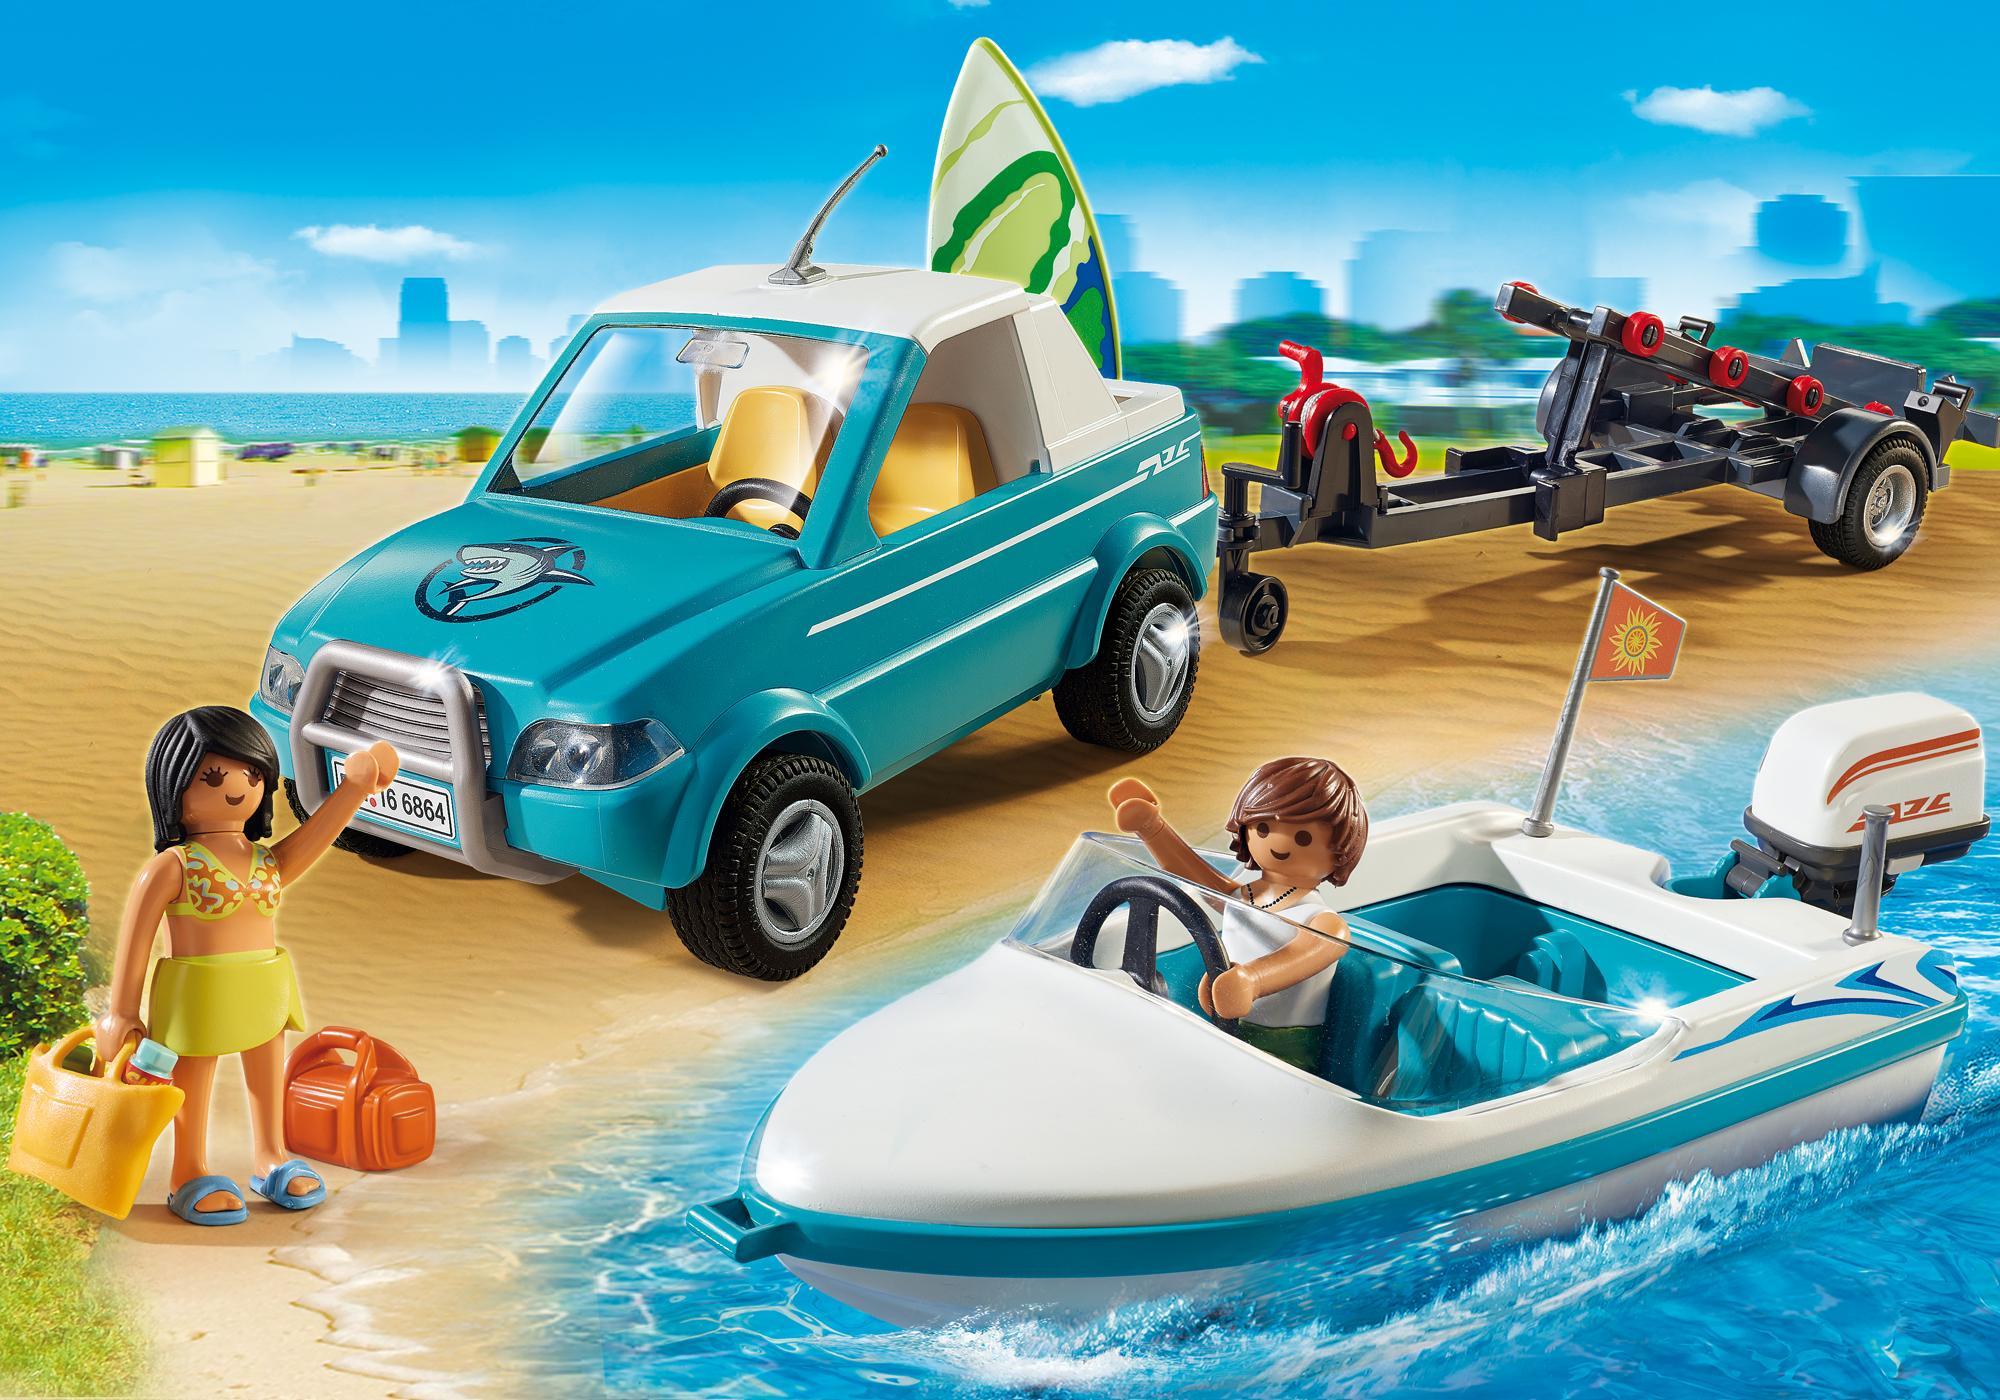 http://media.playmobil.com/i/playmobil/6864_product_detail/Pickup med motorbåt med undervattenmotor